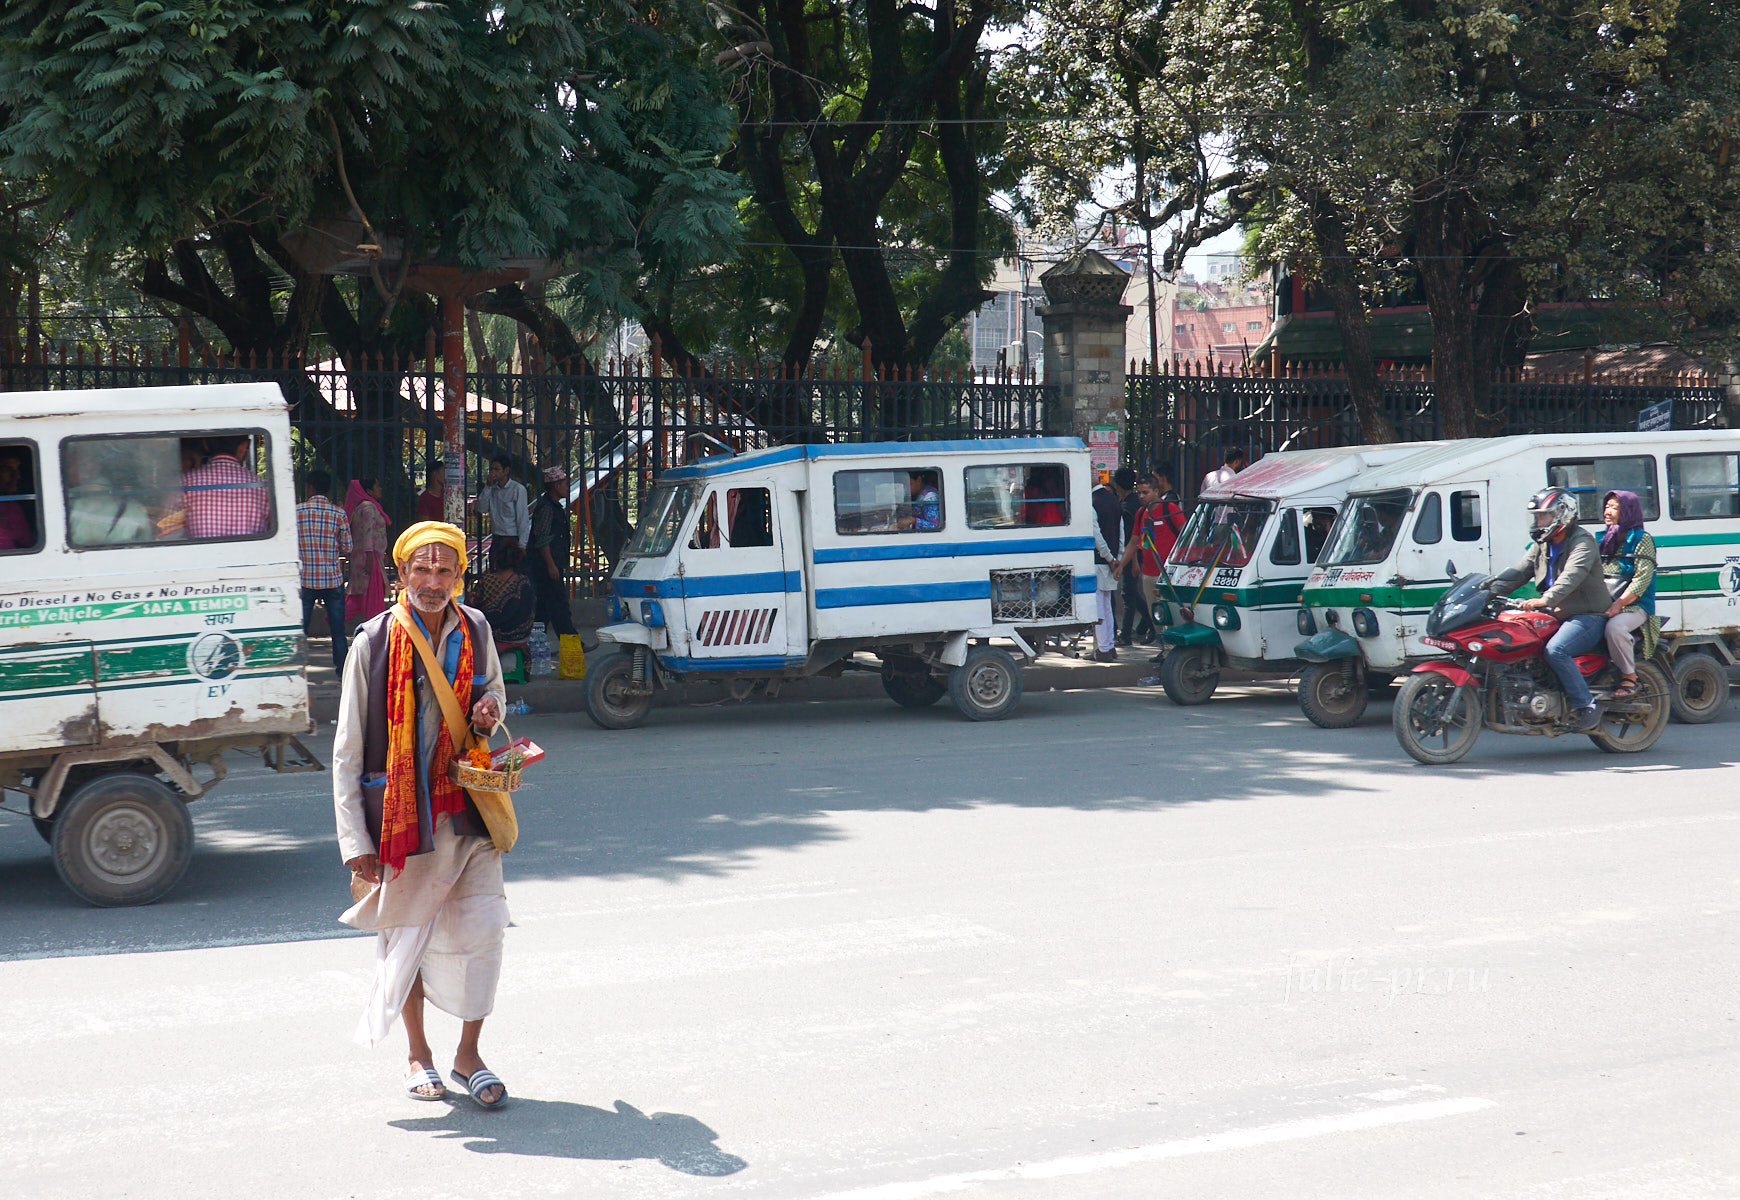 Непал, Катманду, маршрутка, тук-тук